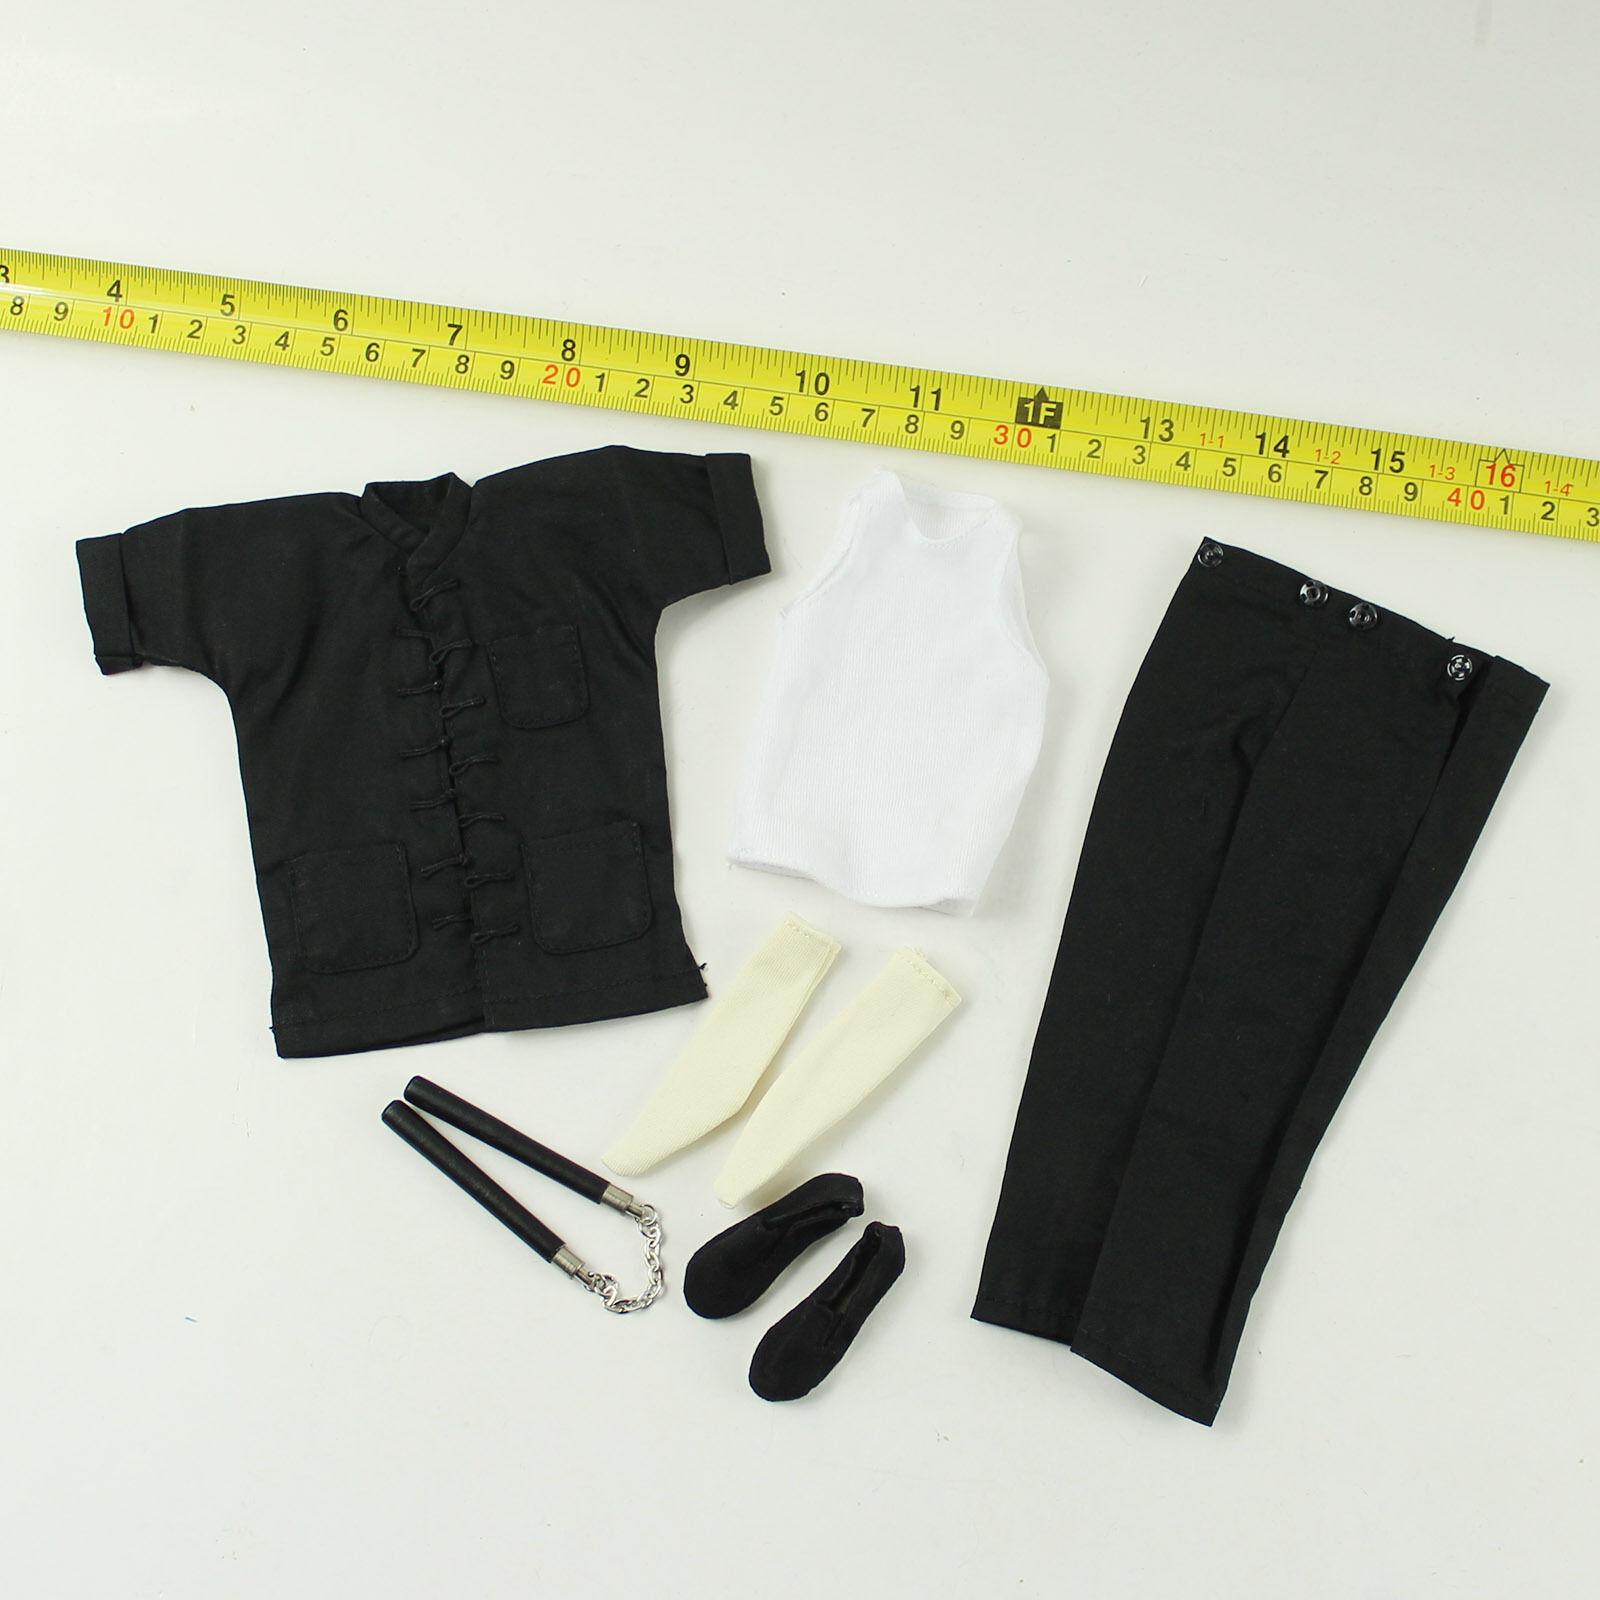 Td25-03 1   6 - skala zytoys kung - fu - anzug setzen